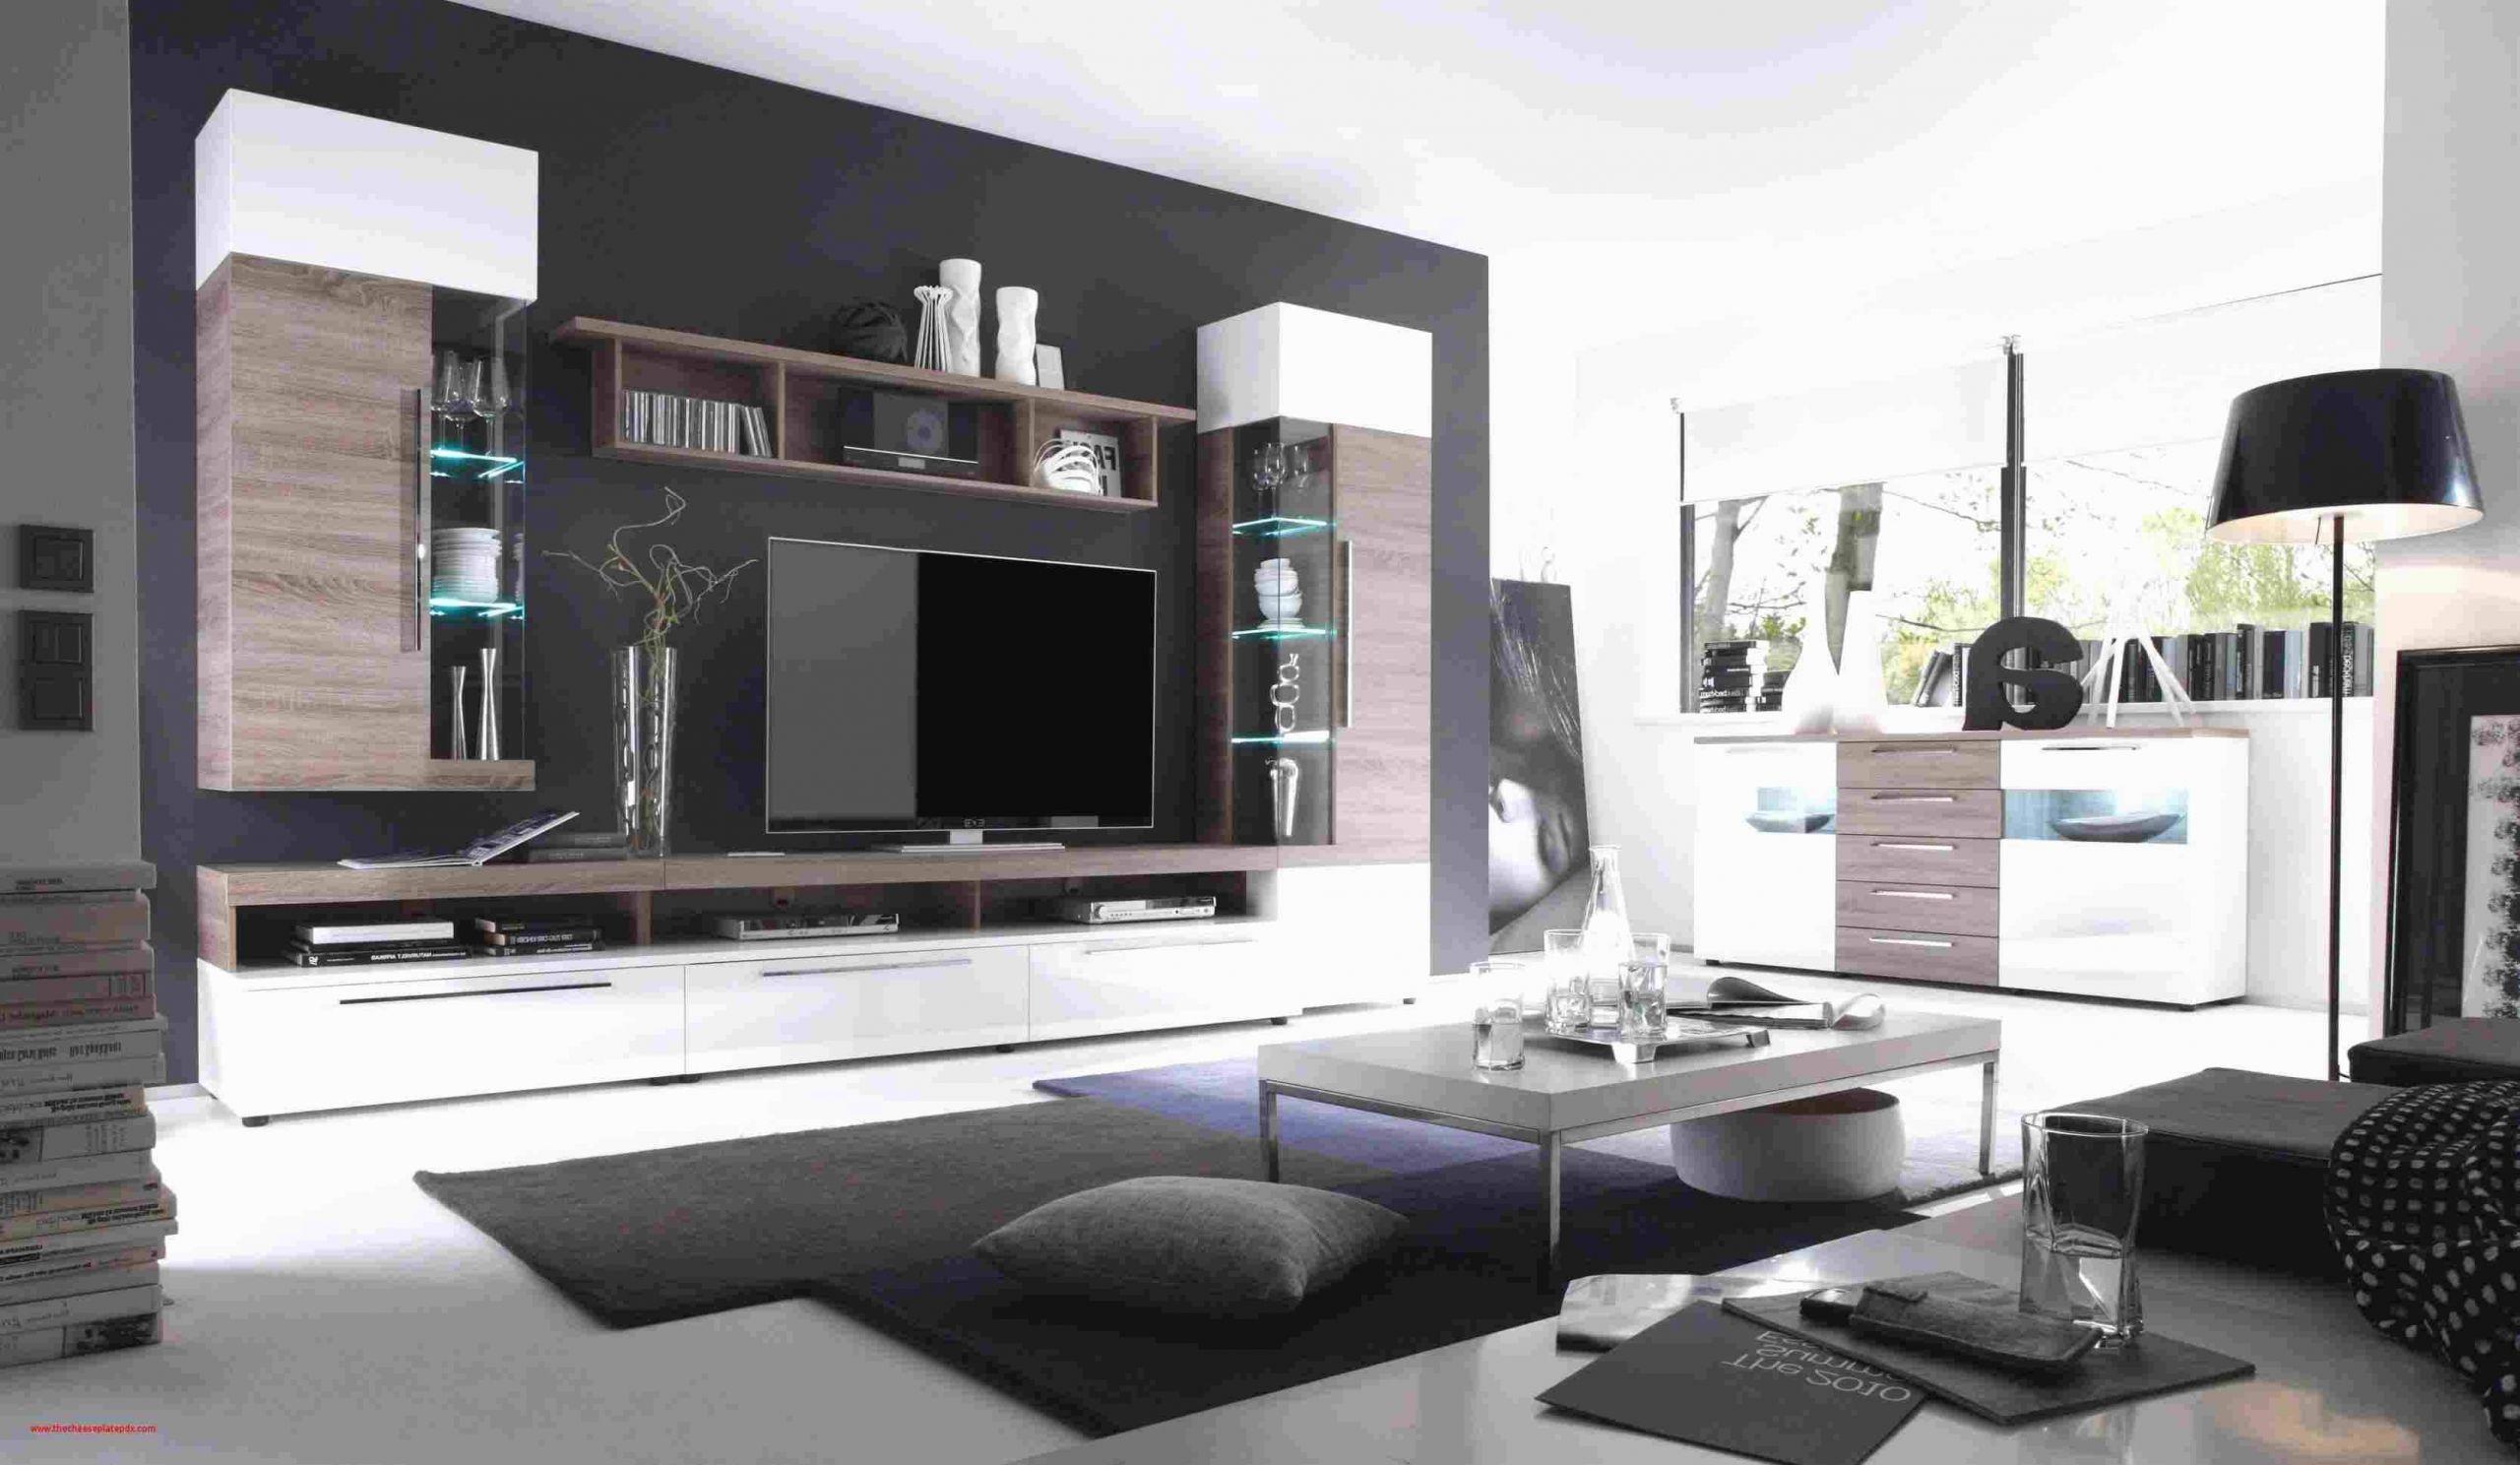 Full Size of Ikea Hauswirtschaftsraum Planen 36 Elegant Wohnzimmer Spanisch Einzigartig Frisch Küche Kosten Sofa Mit Schlaffunktion Kaufen Miniküche Betten Bei Bad Wohnzimmer Ikea Hauswirtschaftsraum Planen